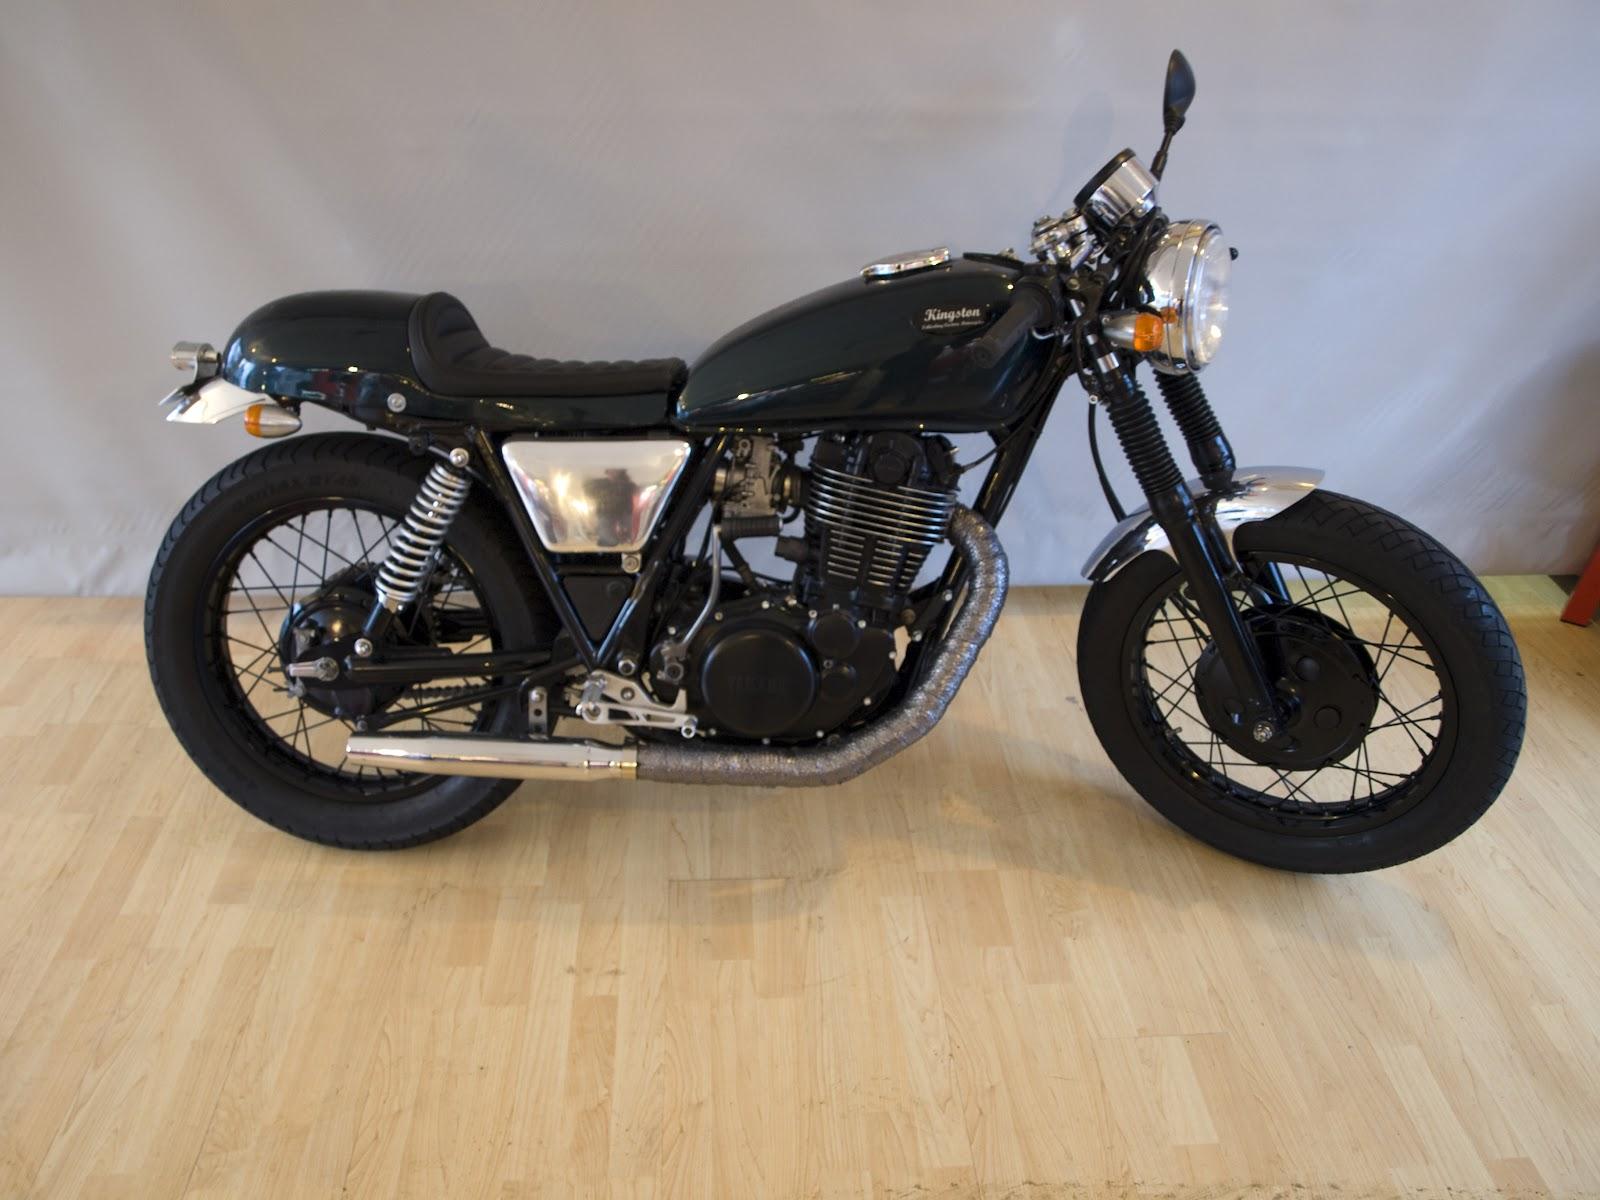 biker excalibur ii yamaha sr 500 cafe racer by kingston. Black Bedroom Furniture Sets. Home Design Ideas